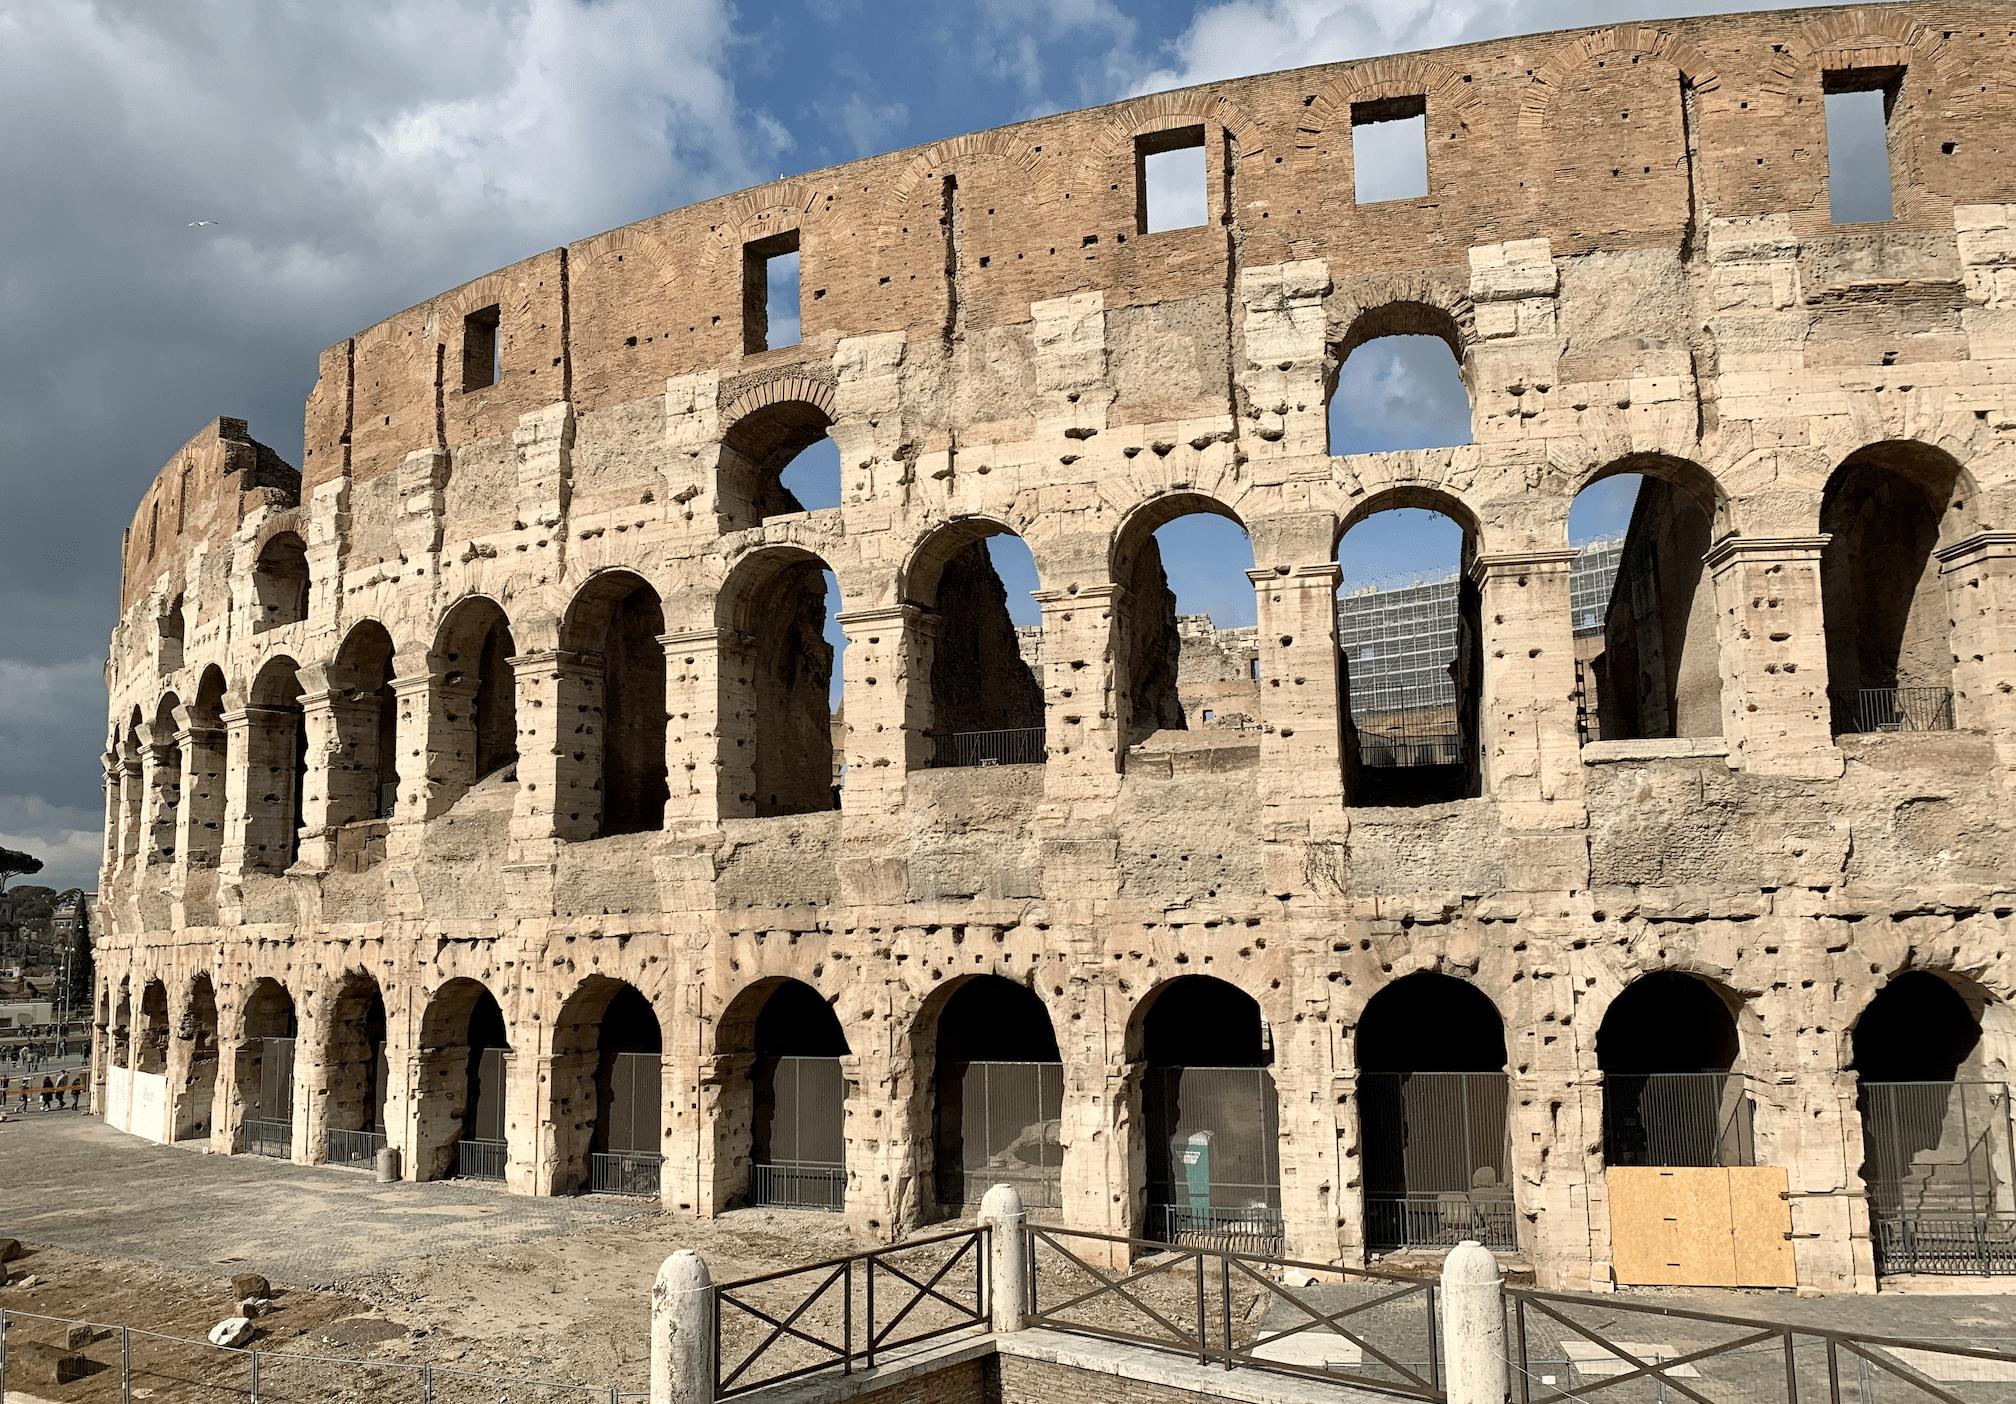 le colisee a rome